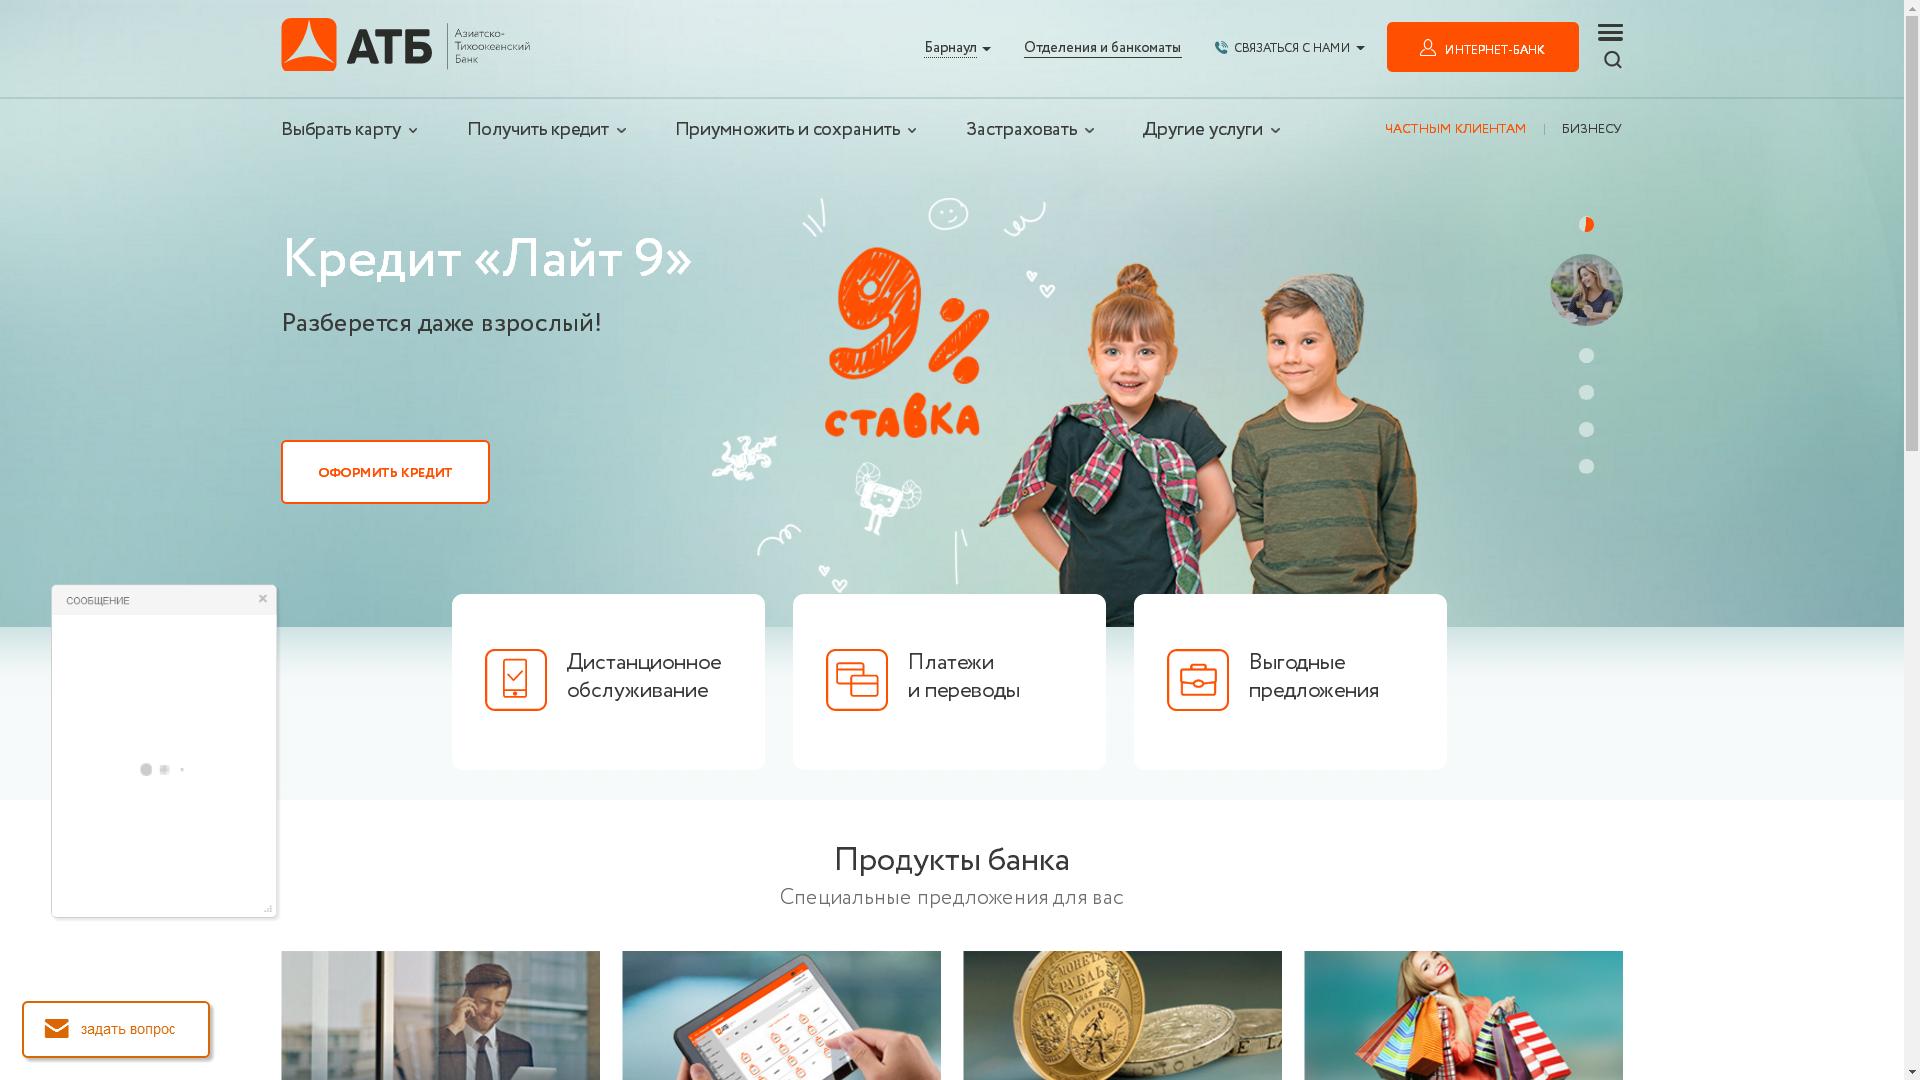 кредит втб банк новосибирск